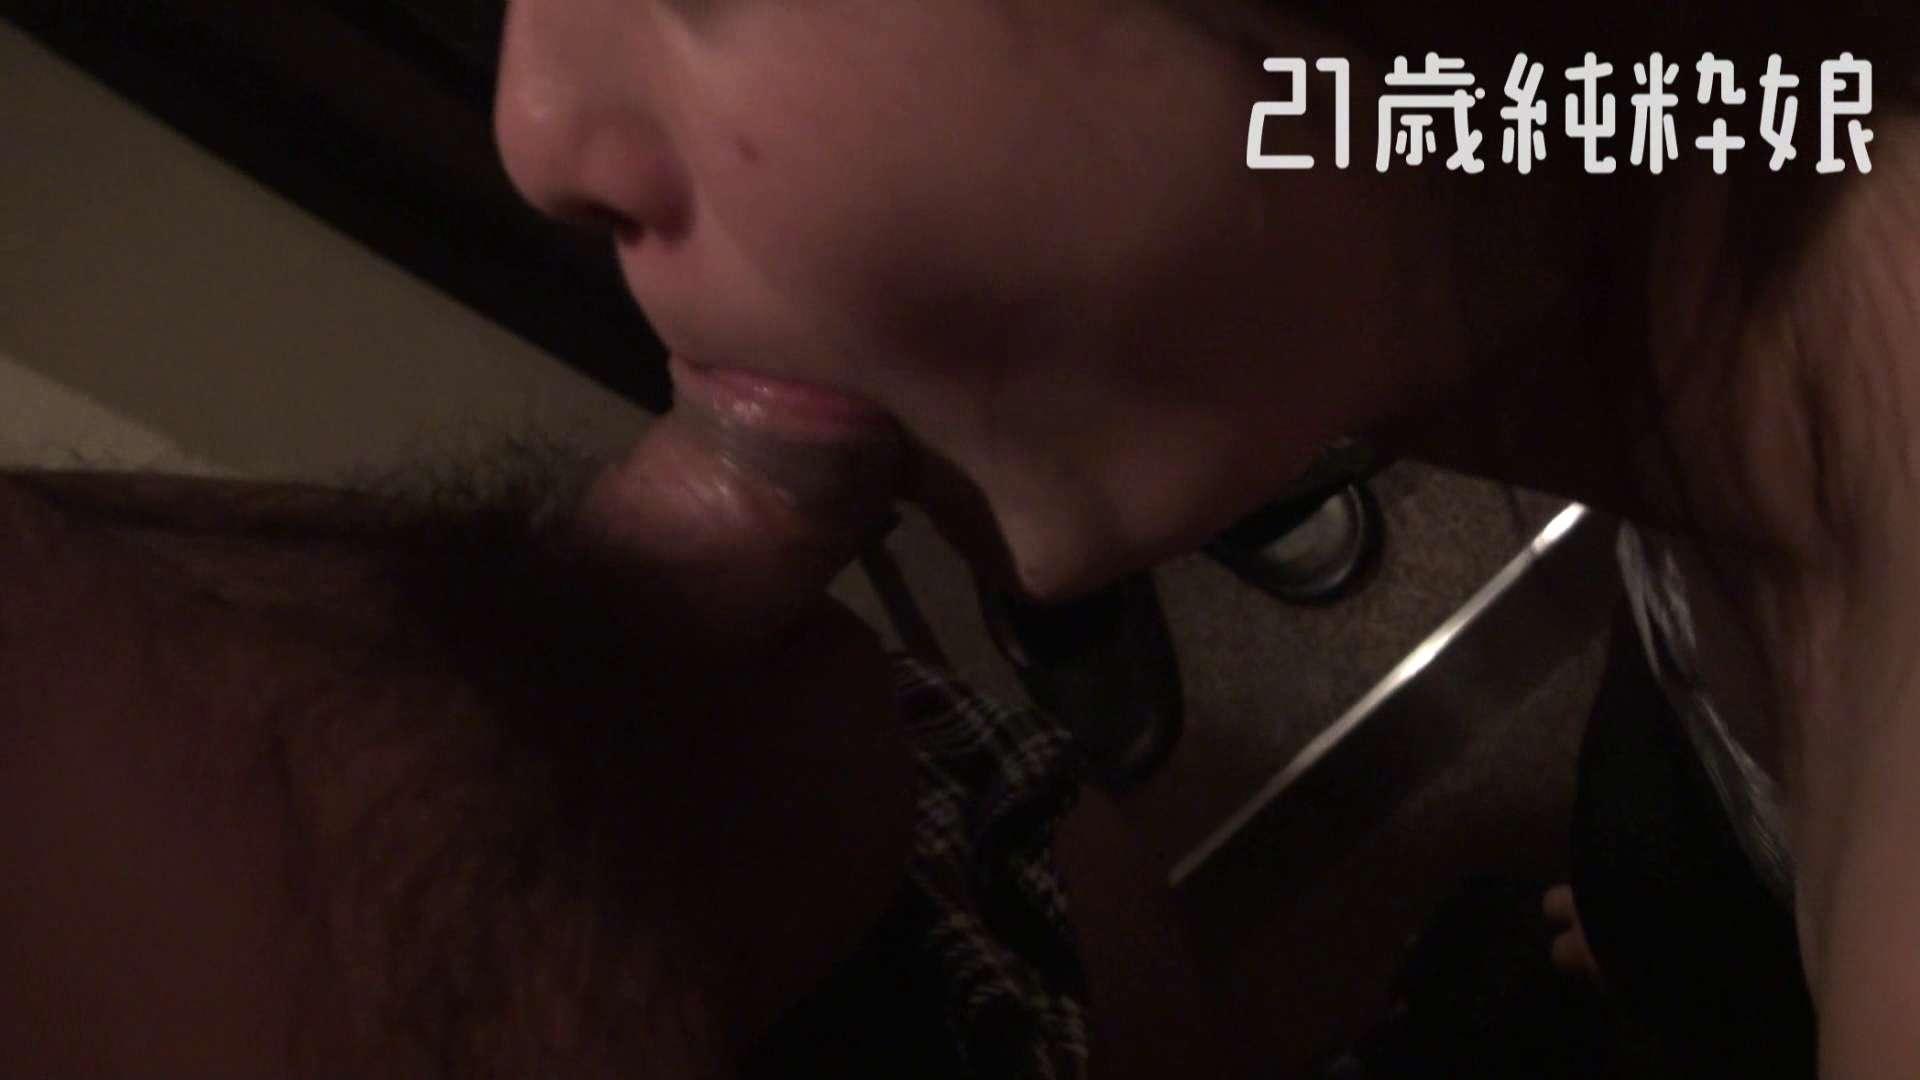 上京したばかりのGカップ21歳純粋嬢を都合の良い女にしてみた 学校  86pic 75